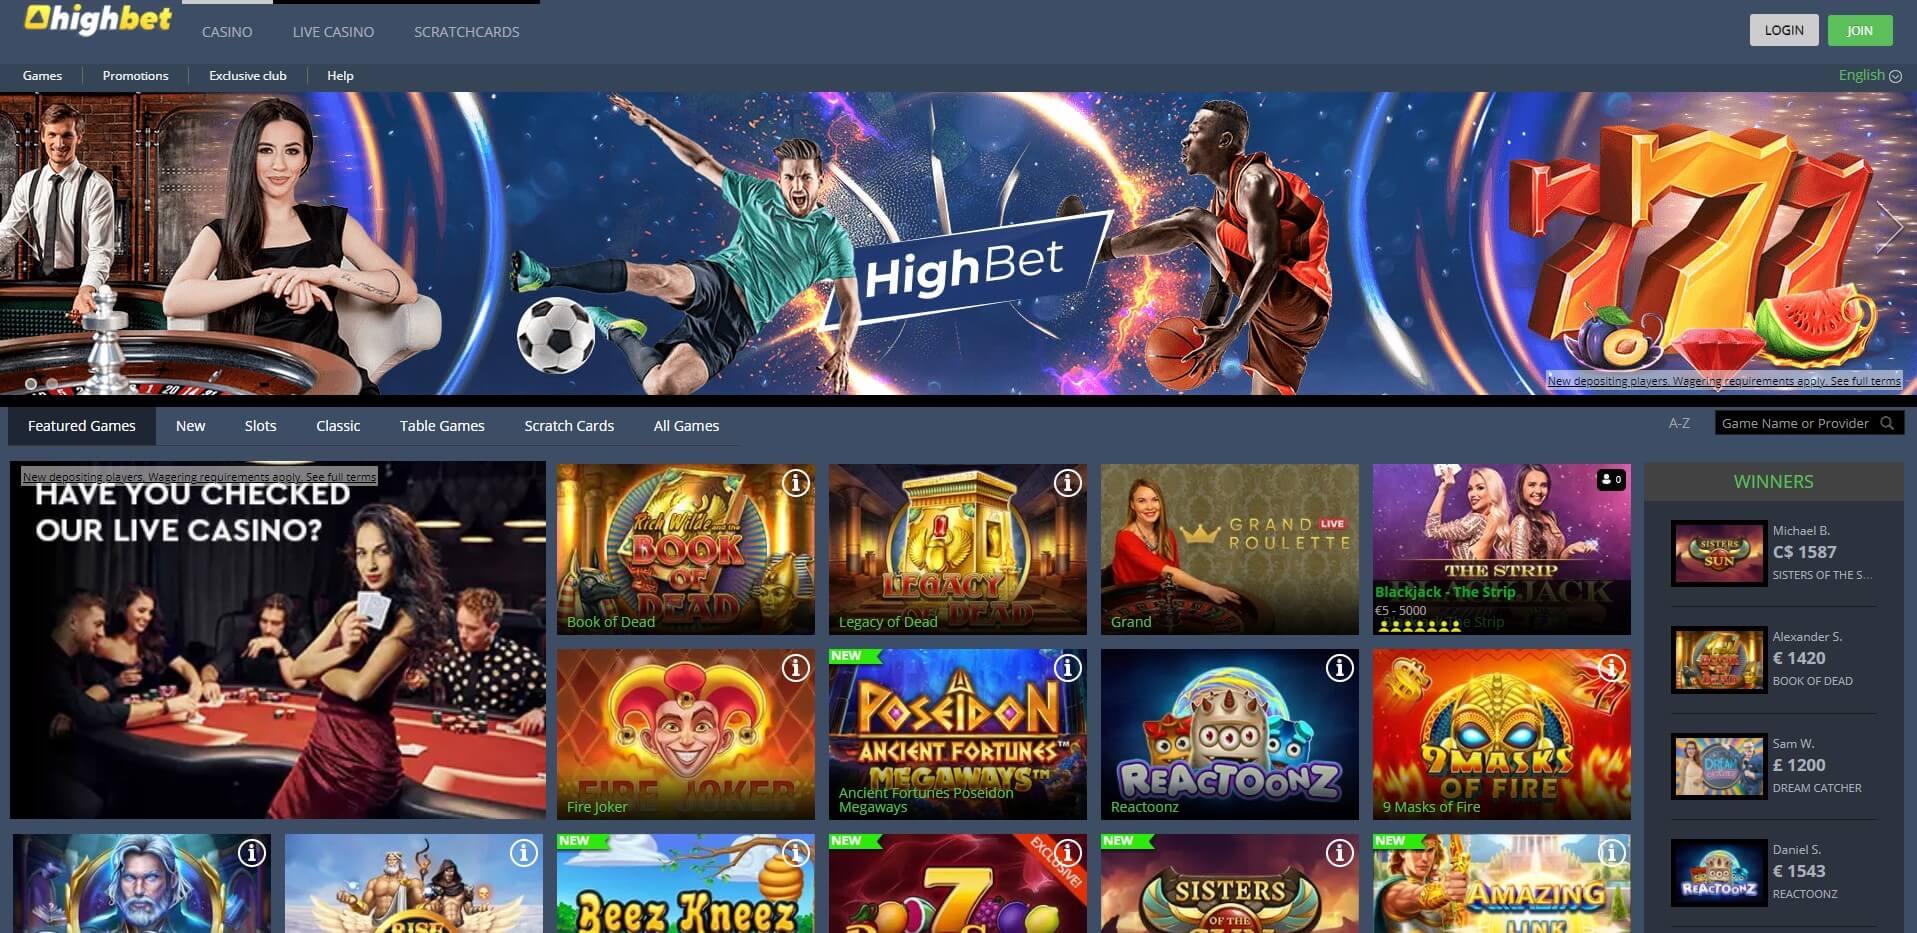 highbet.com - Website Review